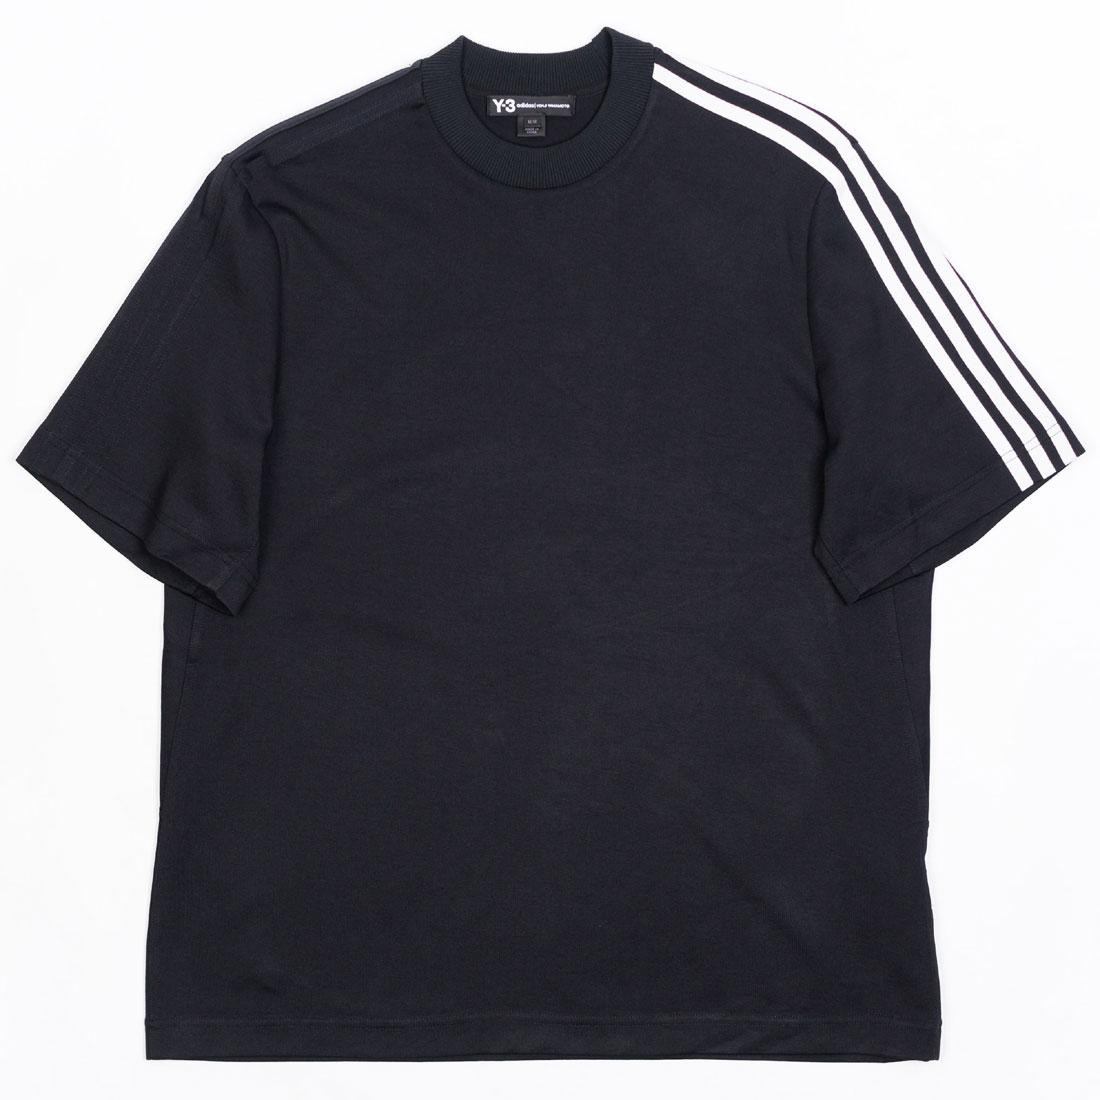 Adidas Y-3 Men 3-Stripes Tee (black / white)